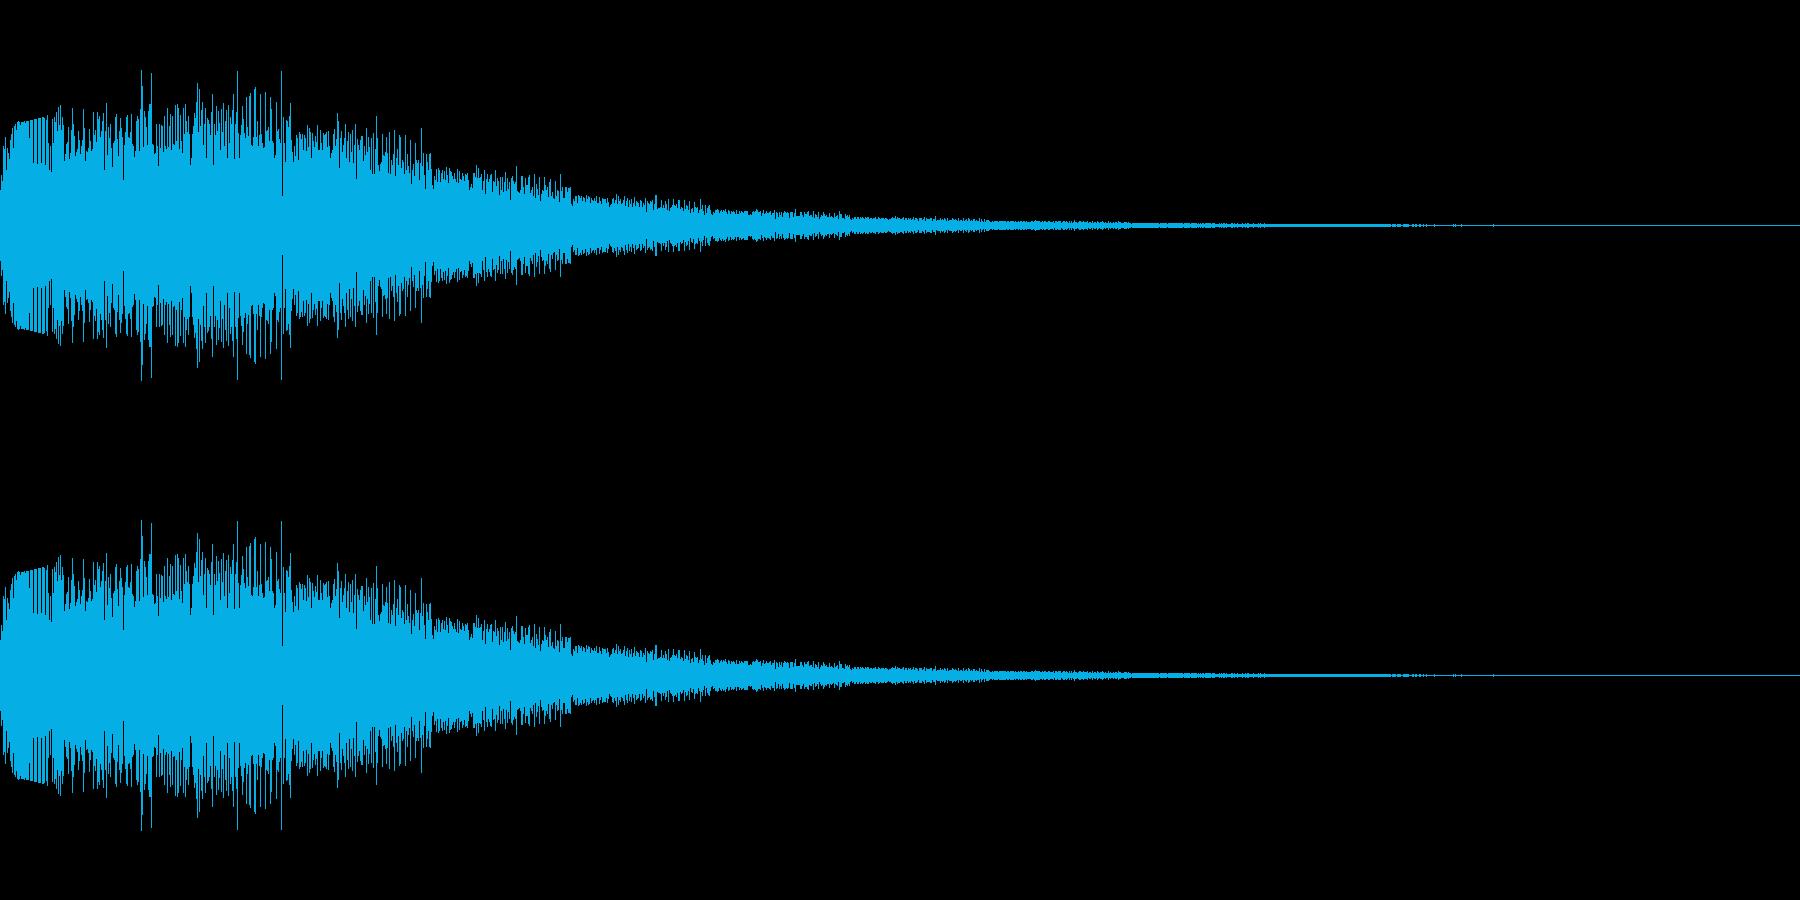 シンセサイザー 決定・選択・UI 4の再生済みの波形